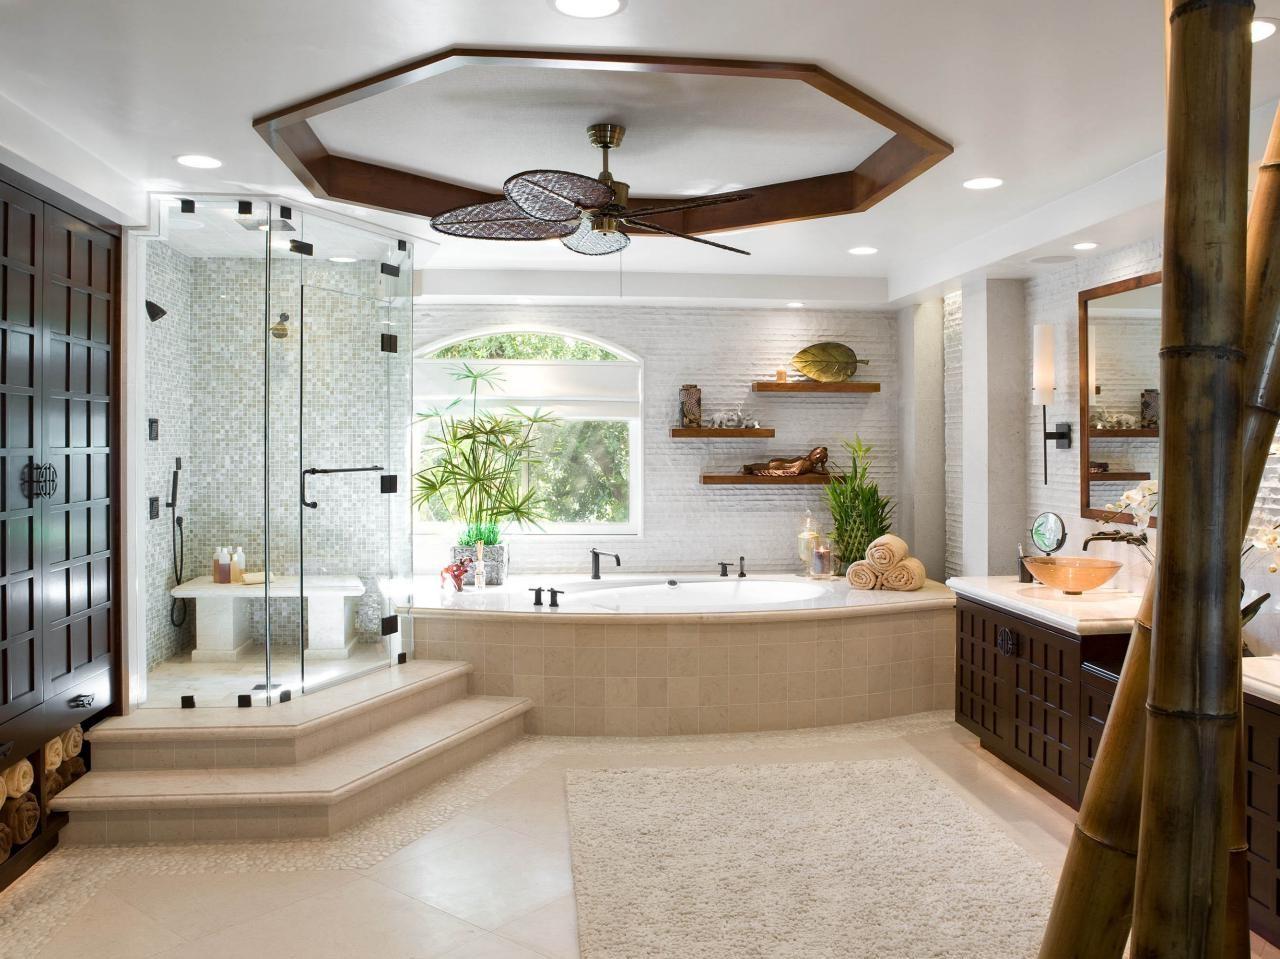 Salle de bain spacieuse avec douche et baignoire.